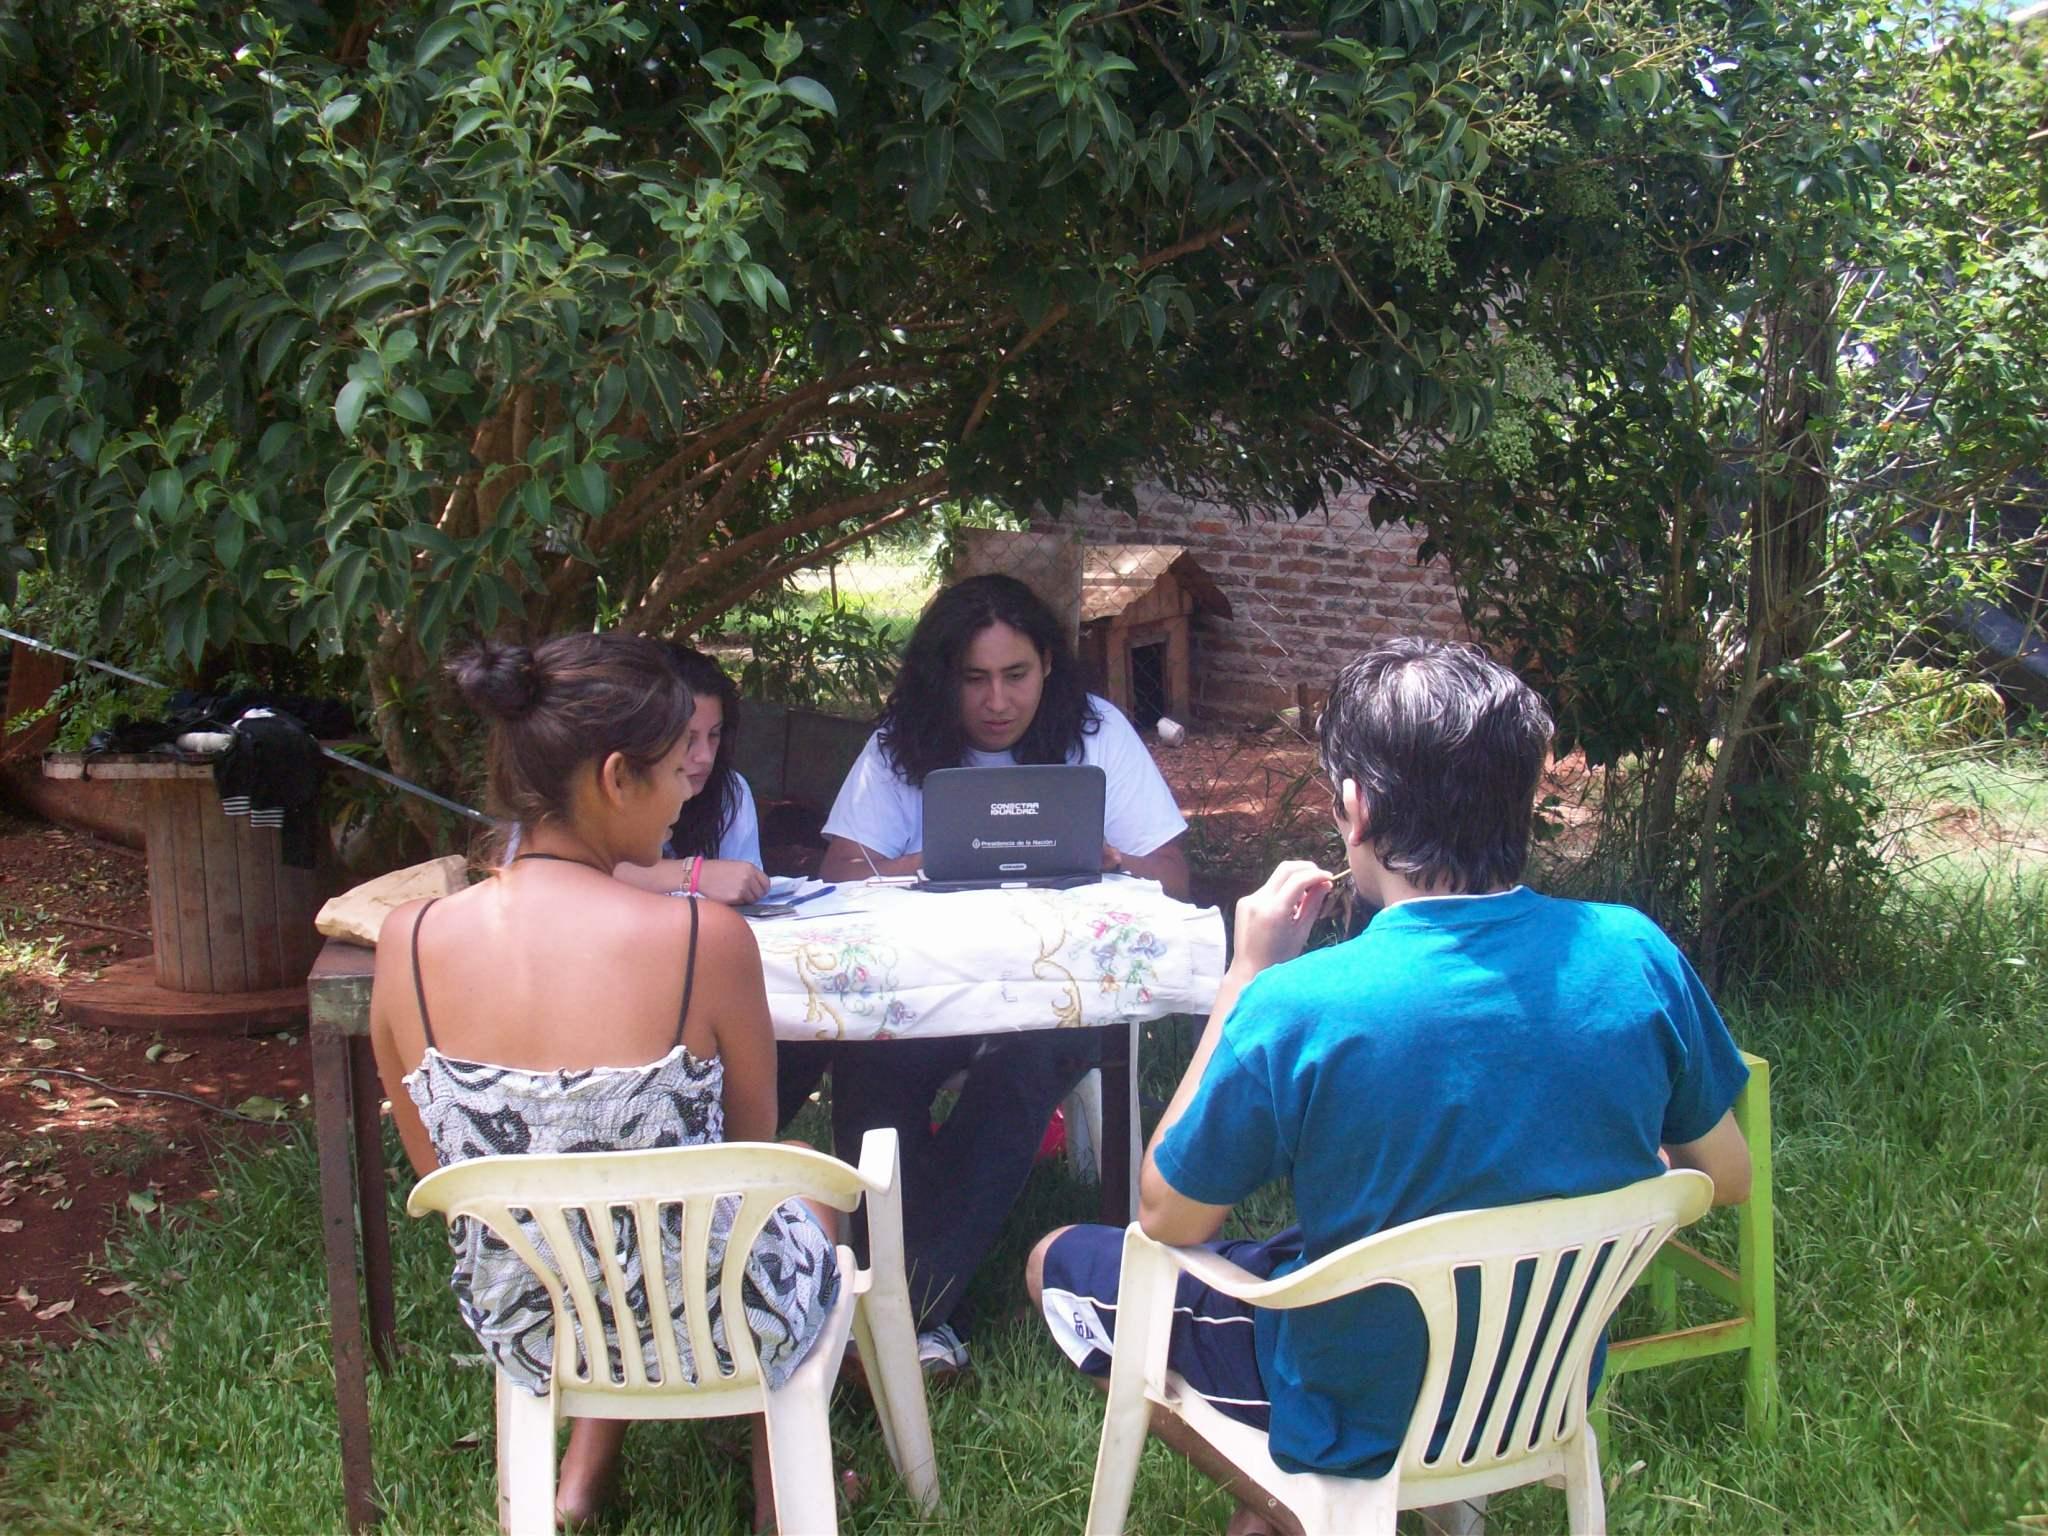 misiones-alem-barriofeltan-progresar-lapatriaeselotro8